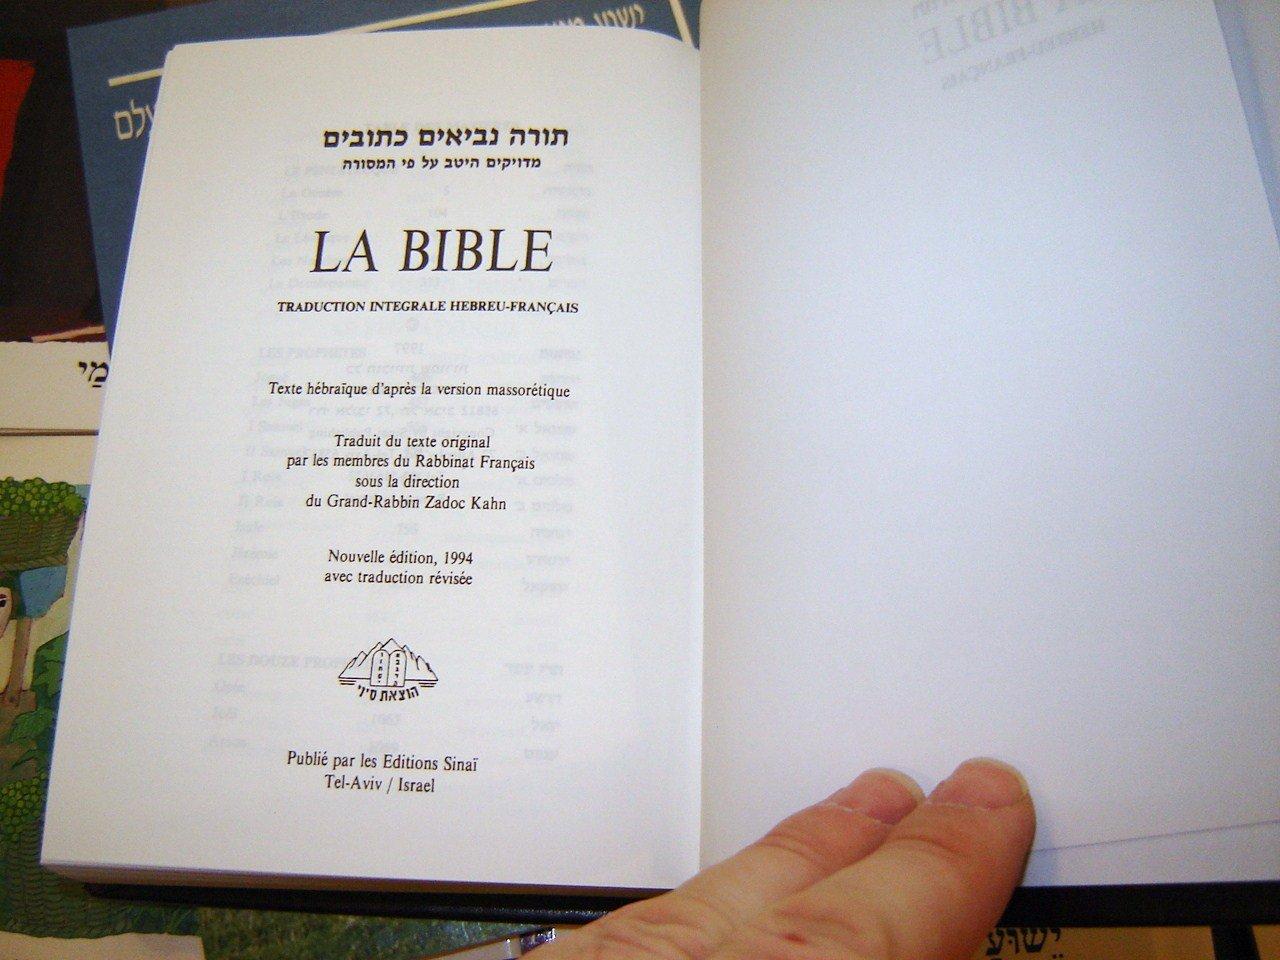 La bible traduction integrale hebreu francais hebrew french